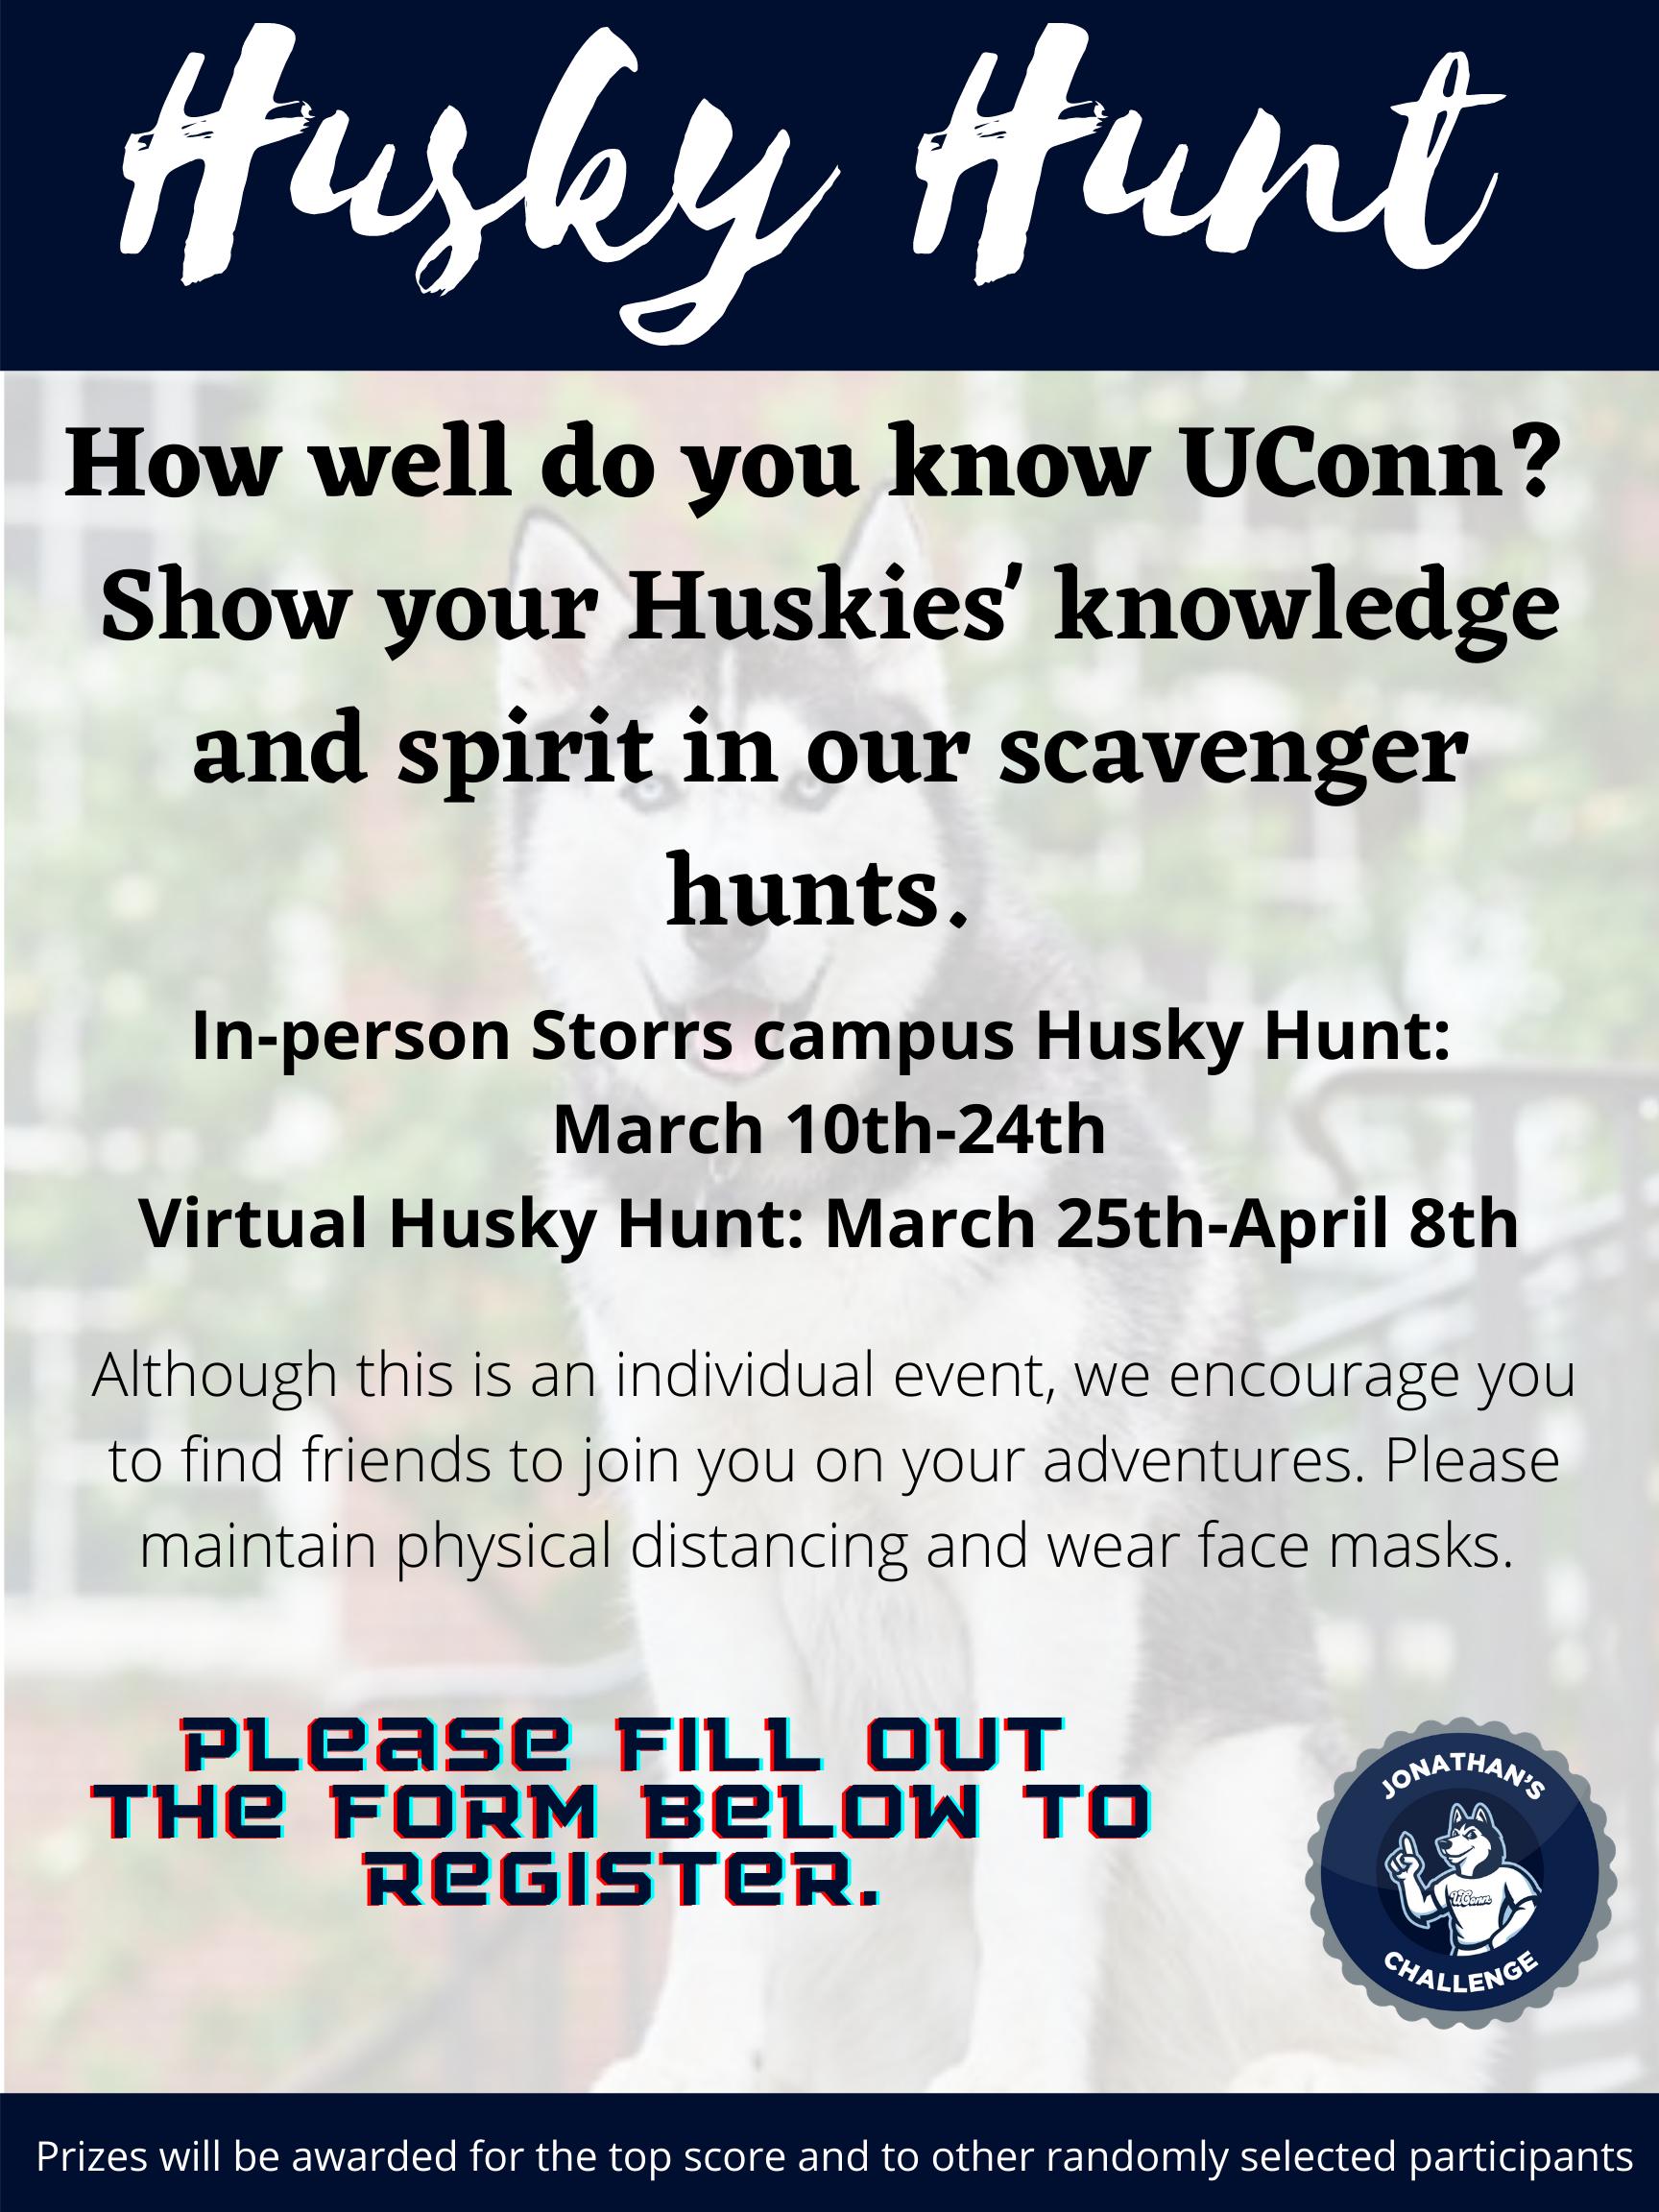 Husky Hunt information sheet